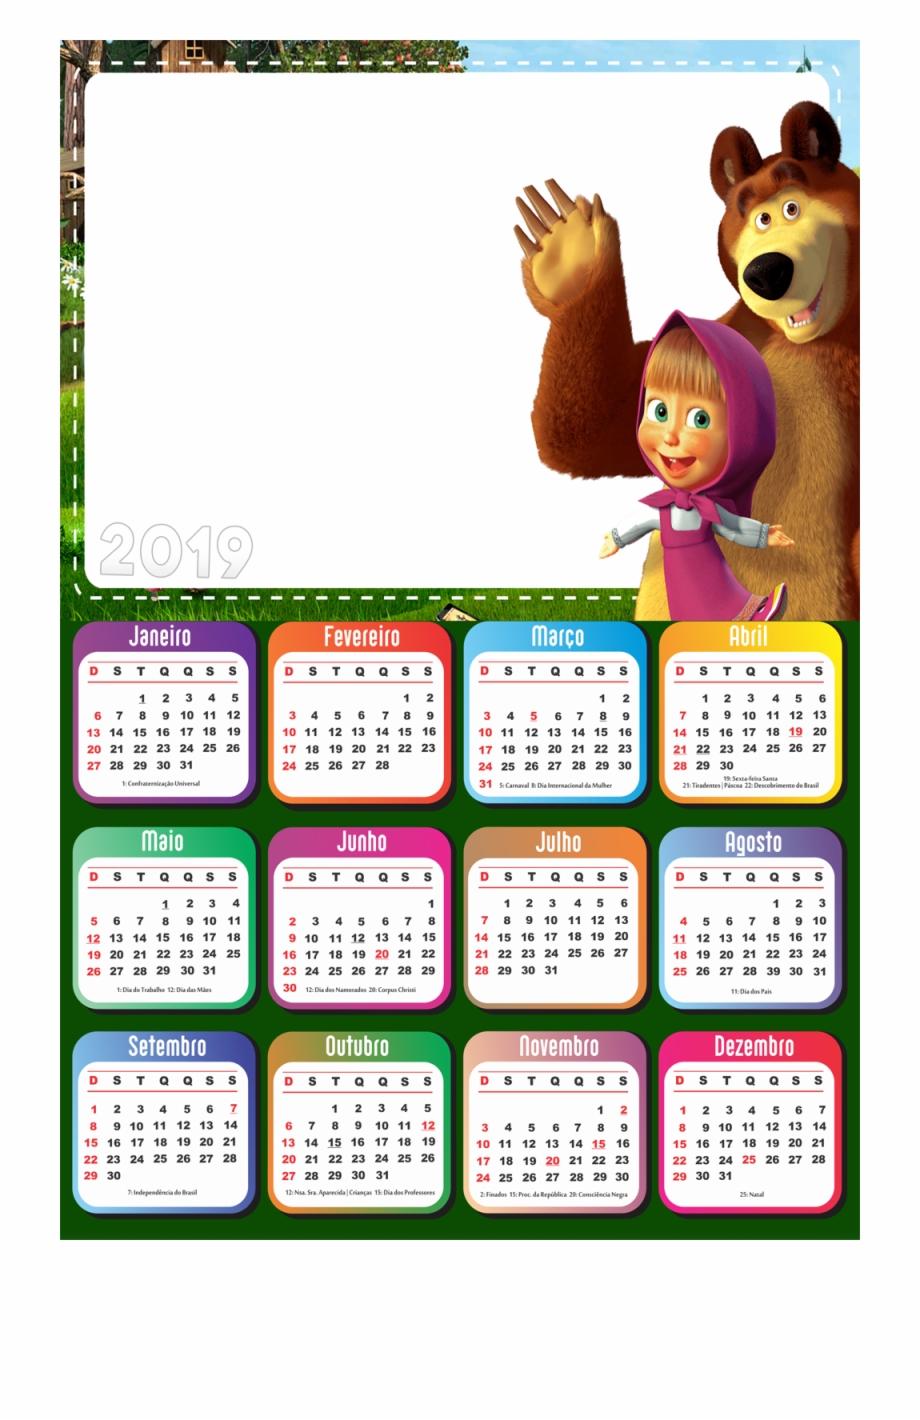 Calendario 2019 Masha E O Urso Desenho Transparent Png Download